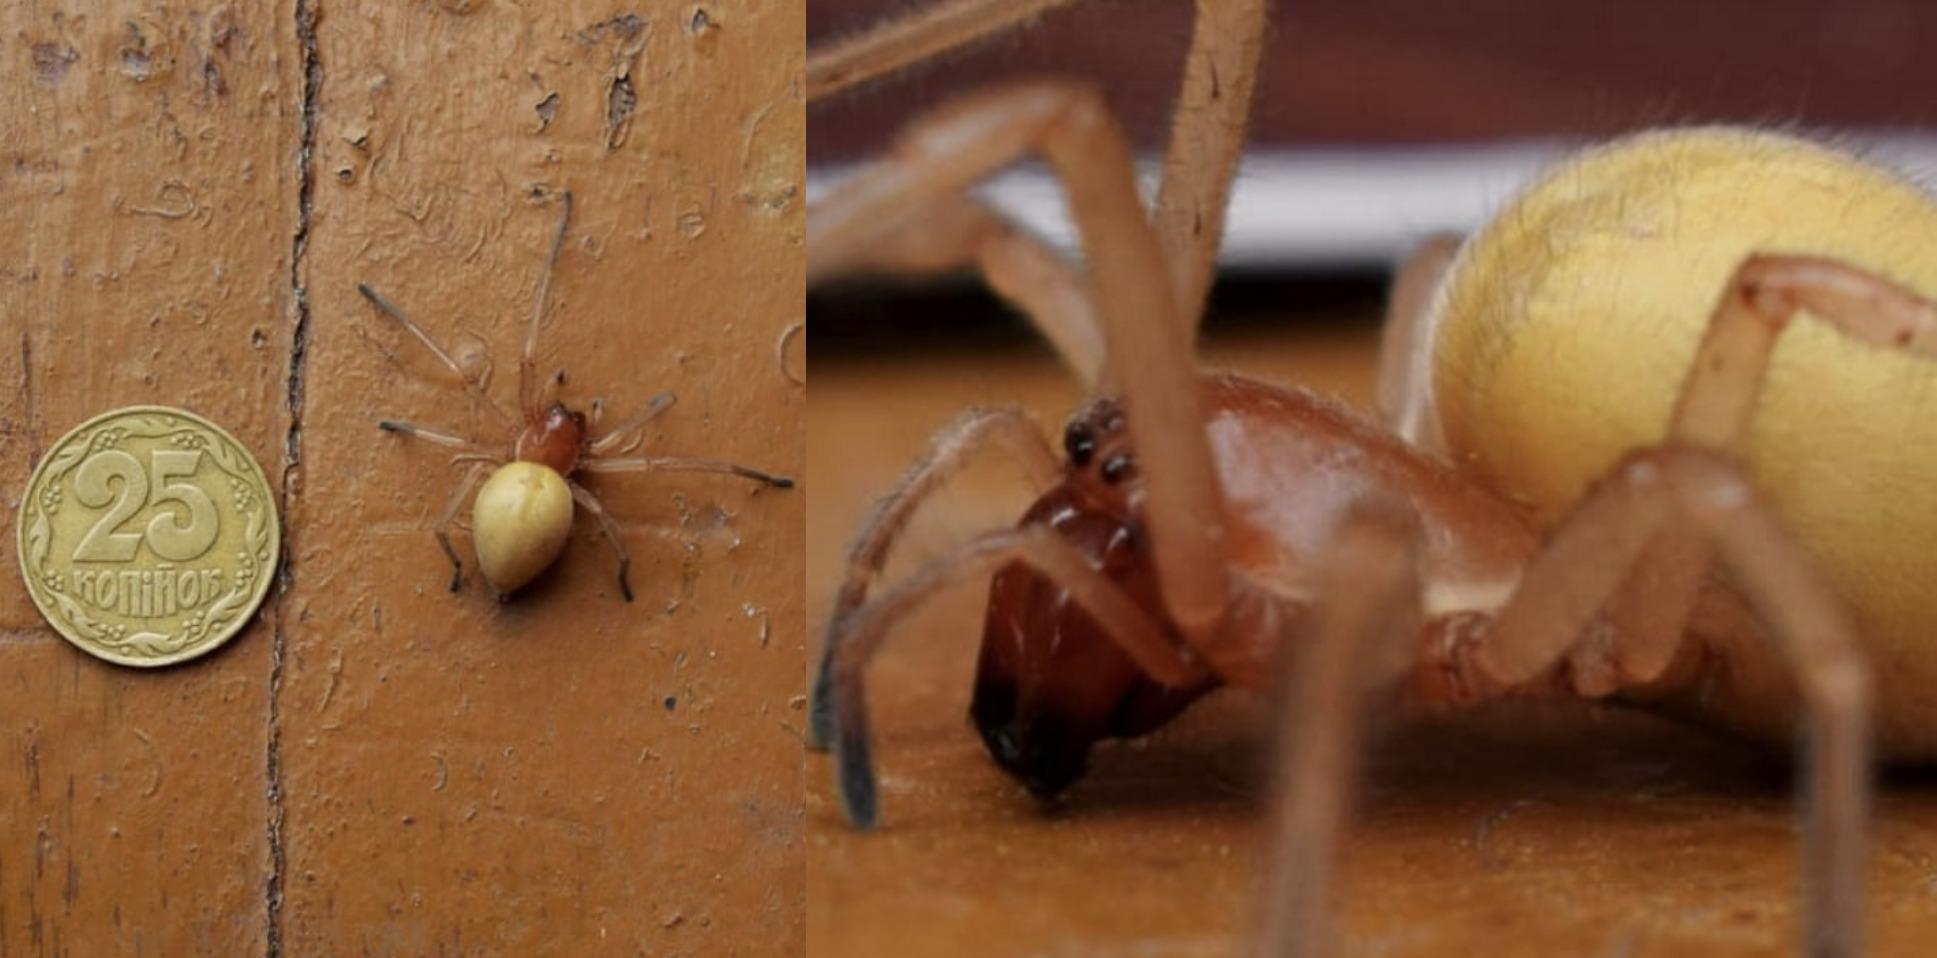 «Будьте уважні та обережні!» Українцям загрожують отруйні павуки з 4 щелепами, які стрибають і боляче кусають